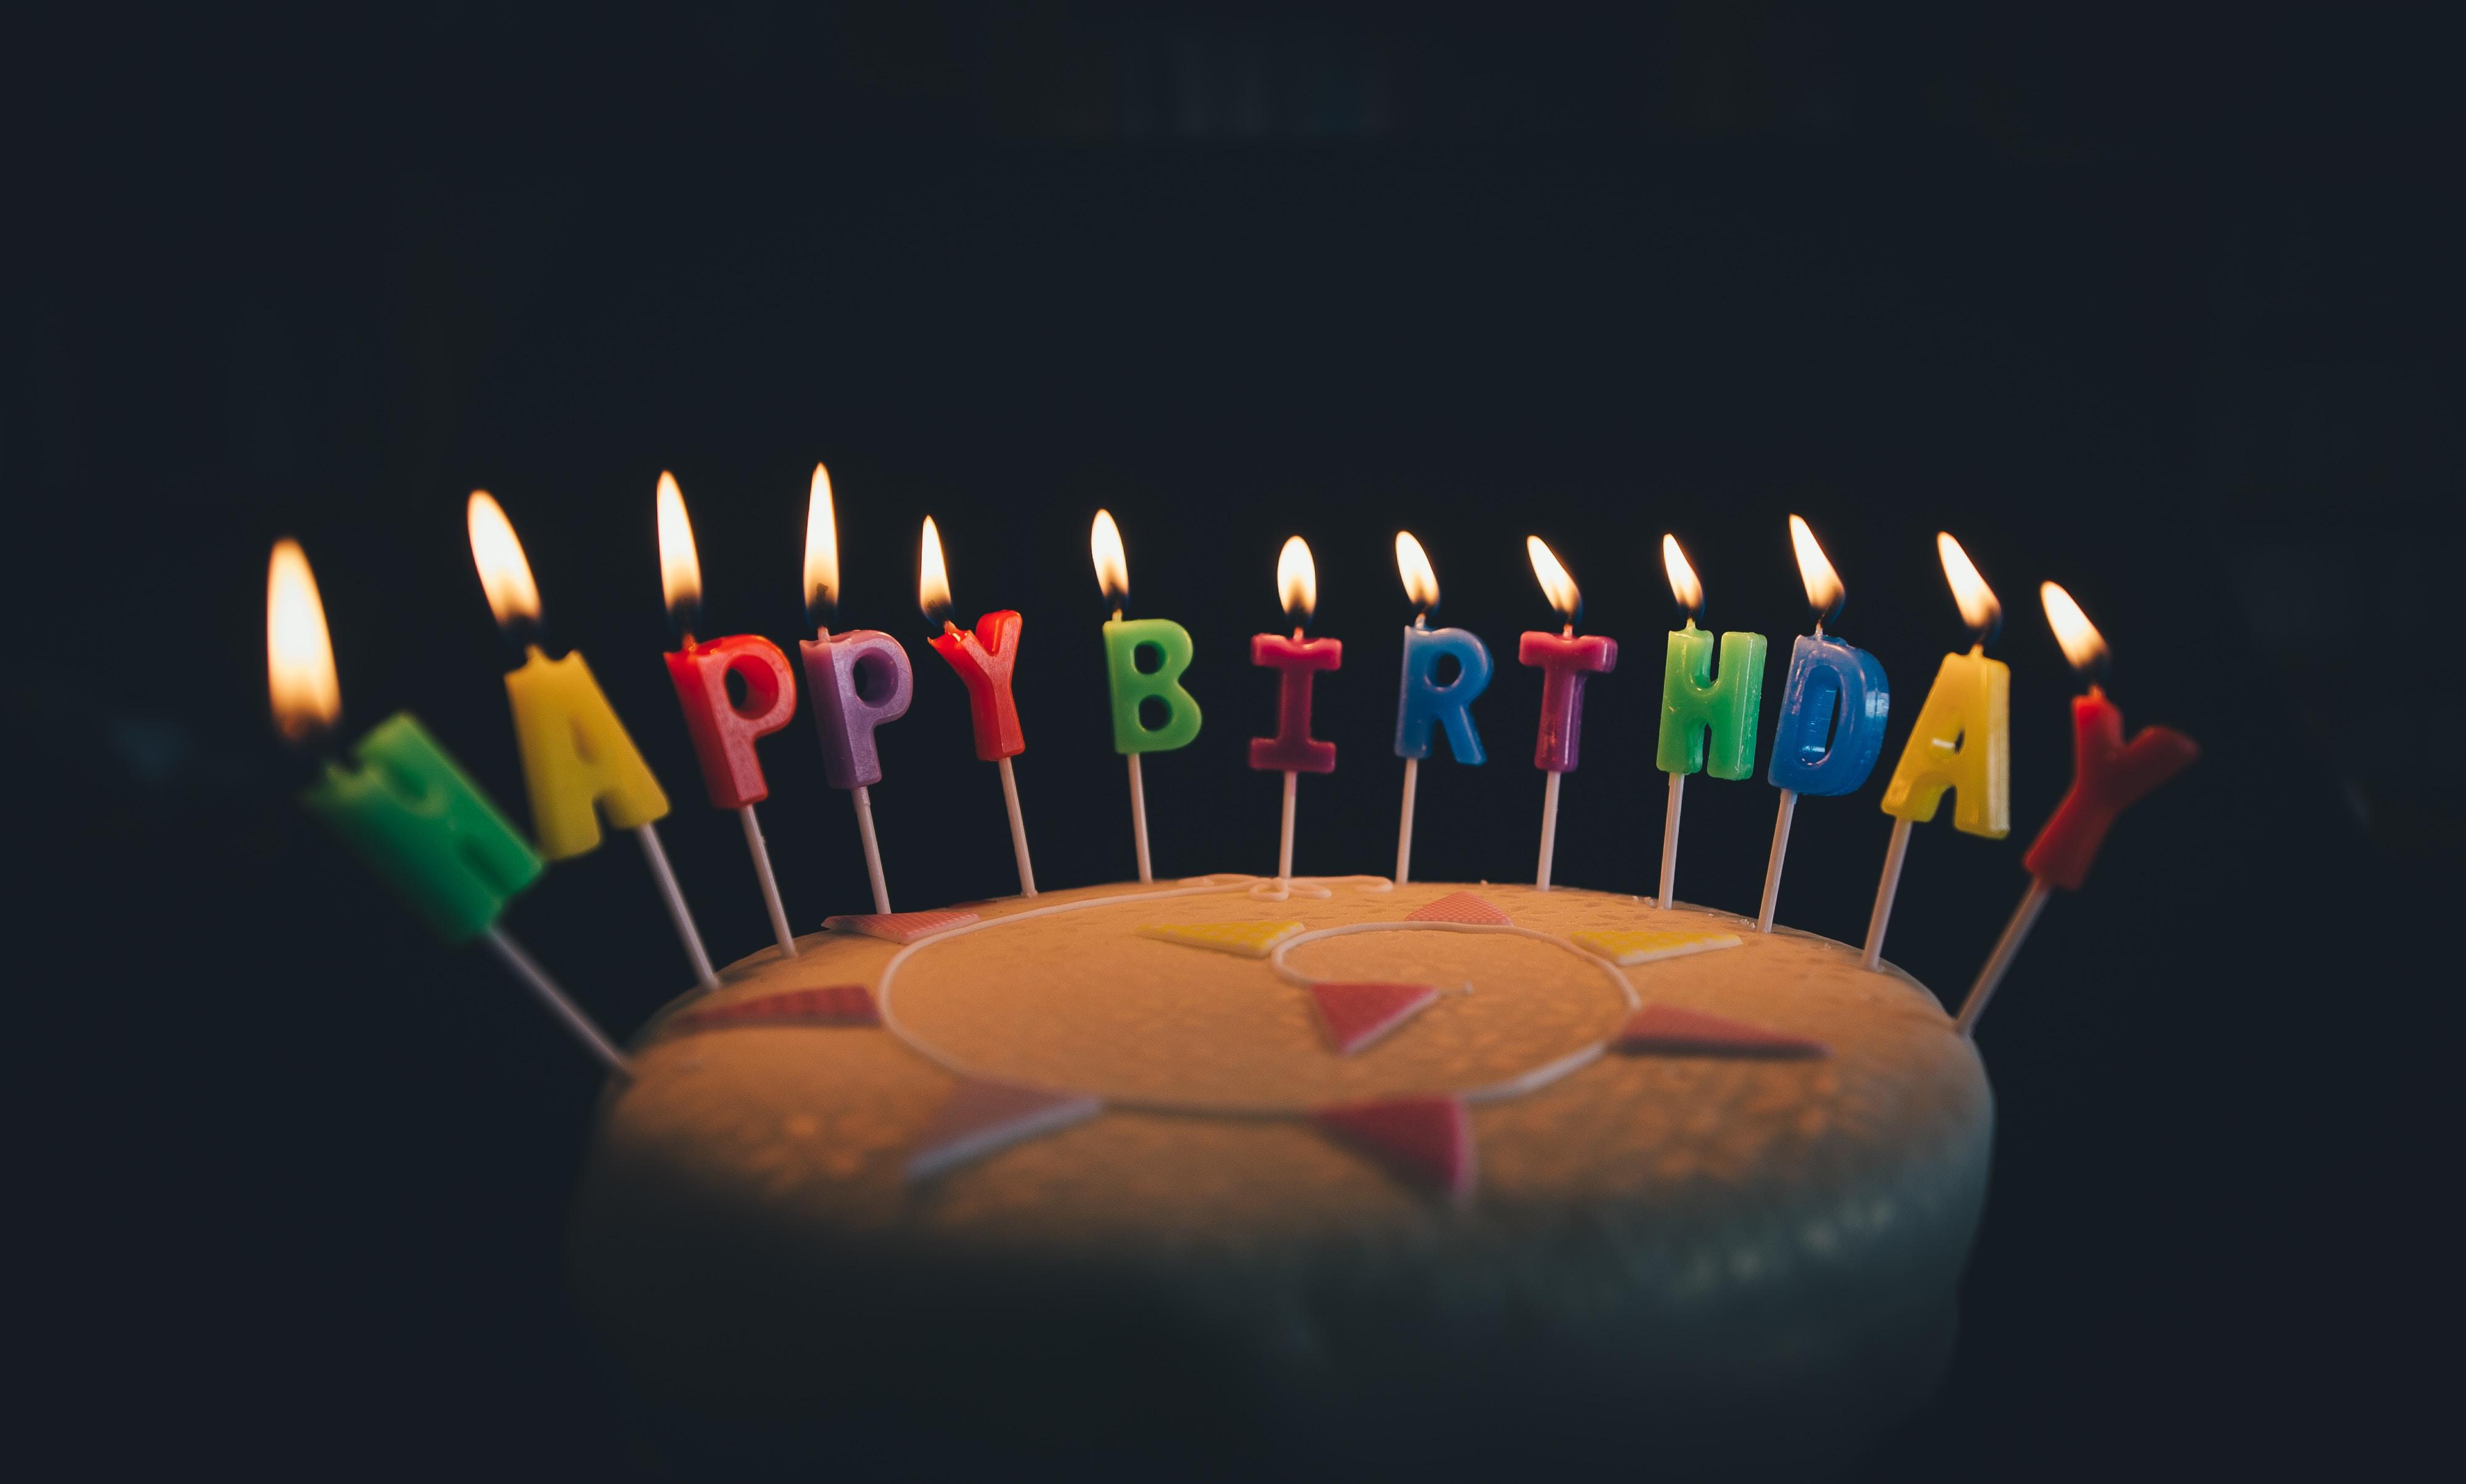 Happy Birthday Pictures Stock Photos